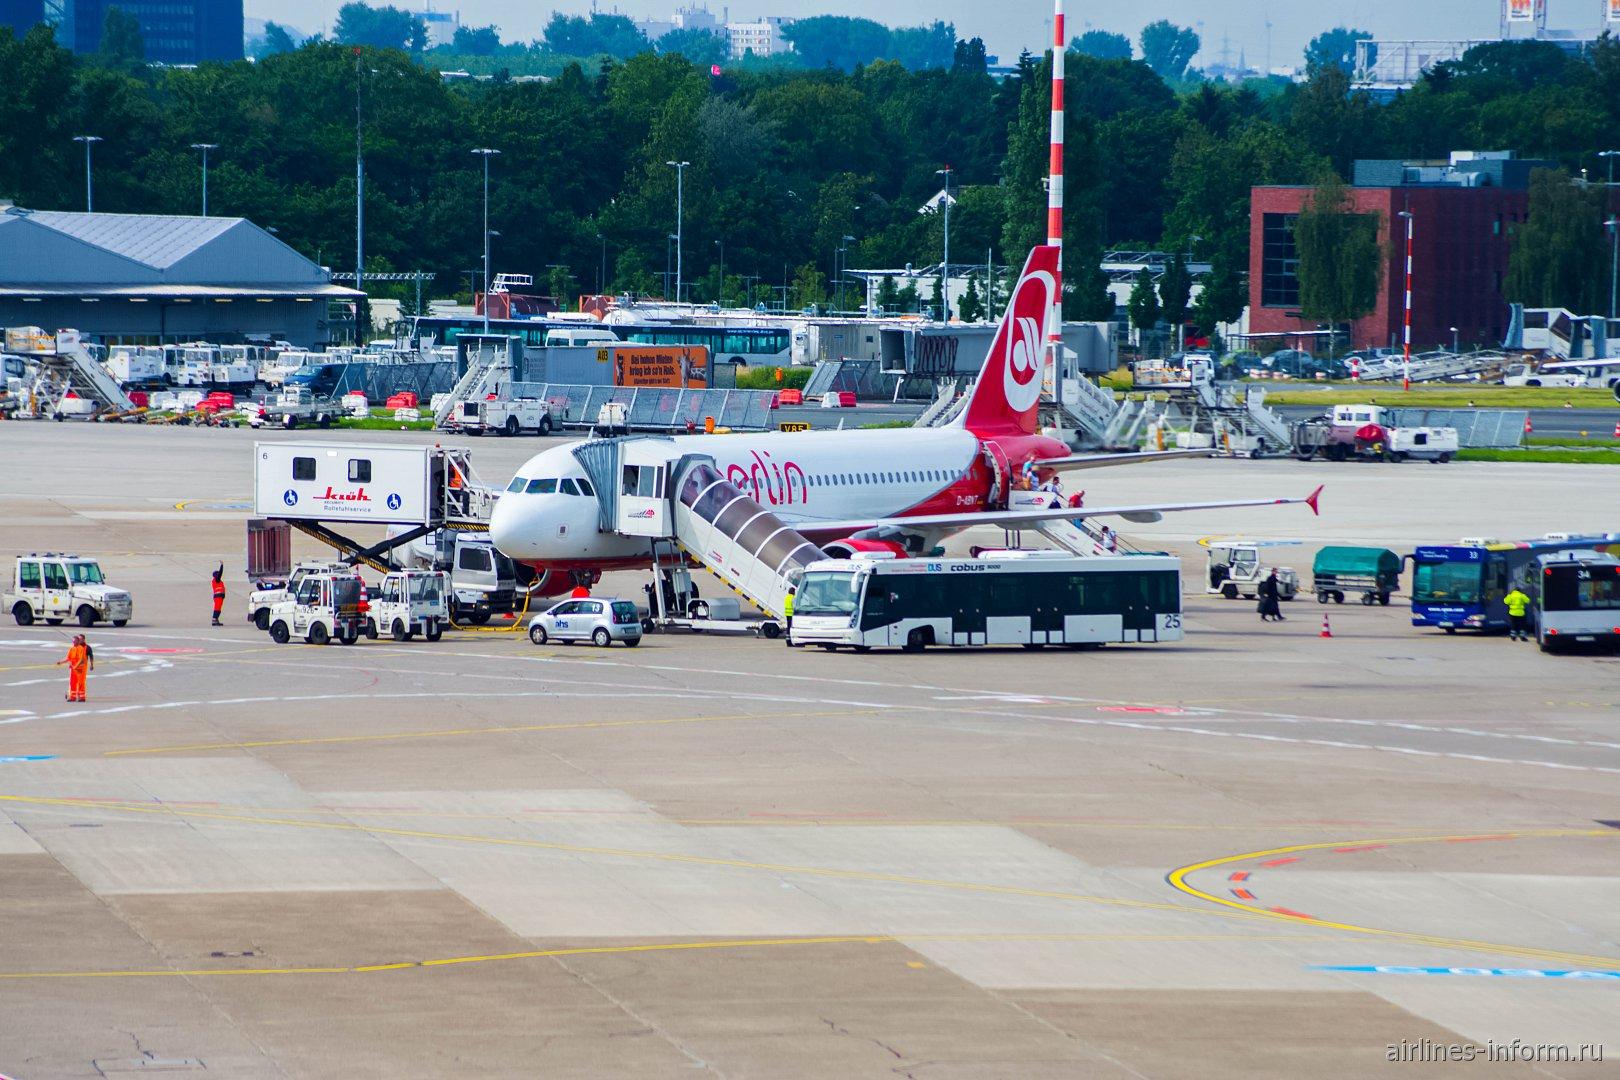 Обслуживание Airbus A320 авиакомпании Air Berlin в аэропорту Дюссельдорфа